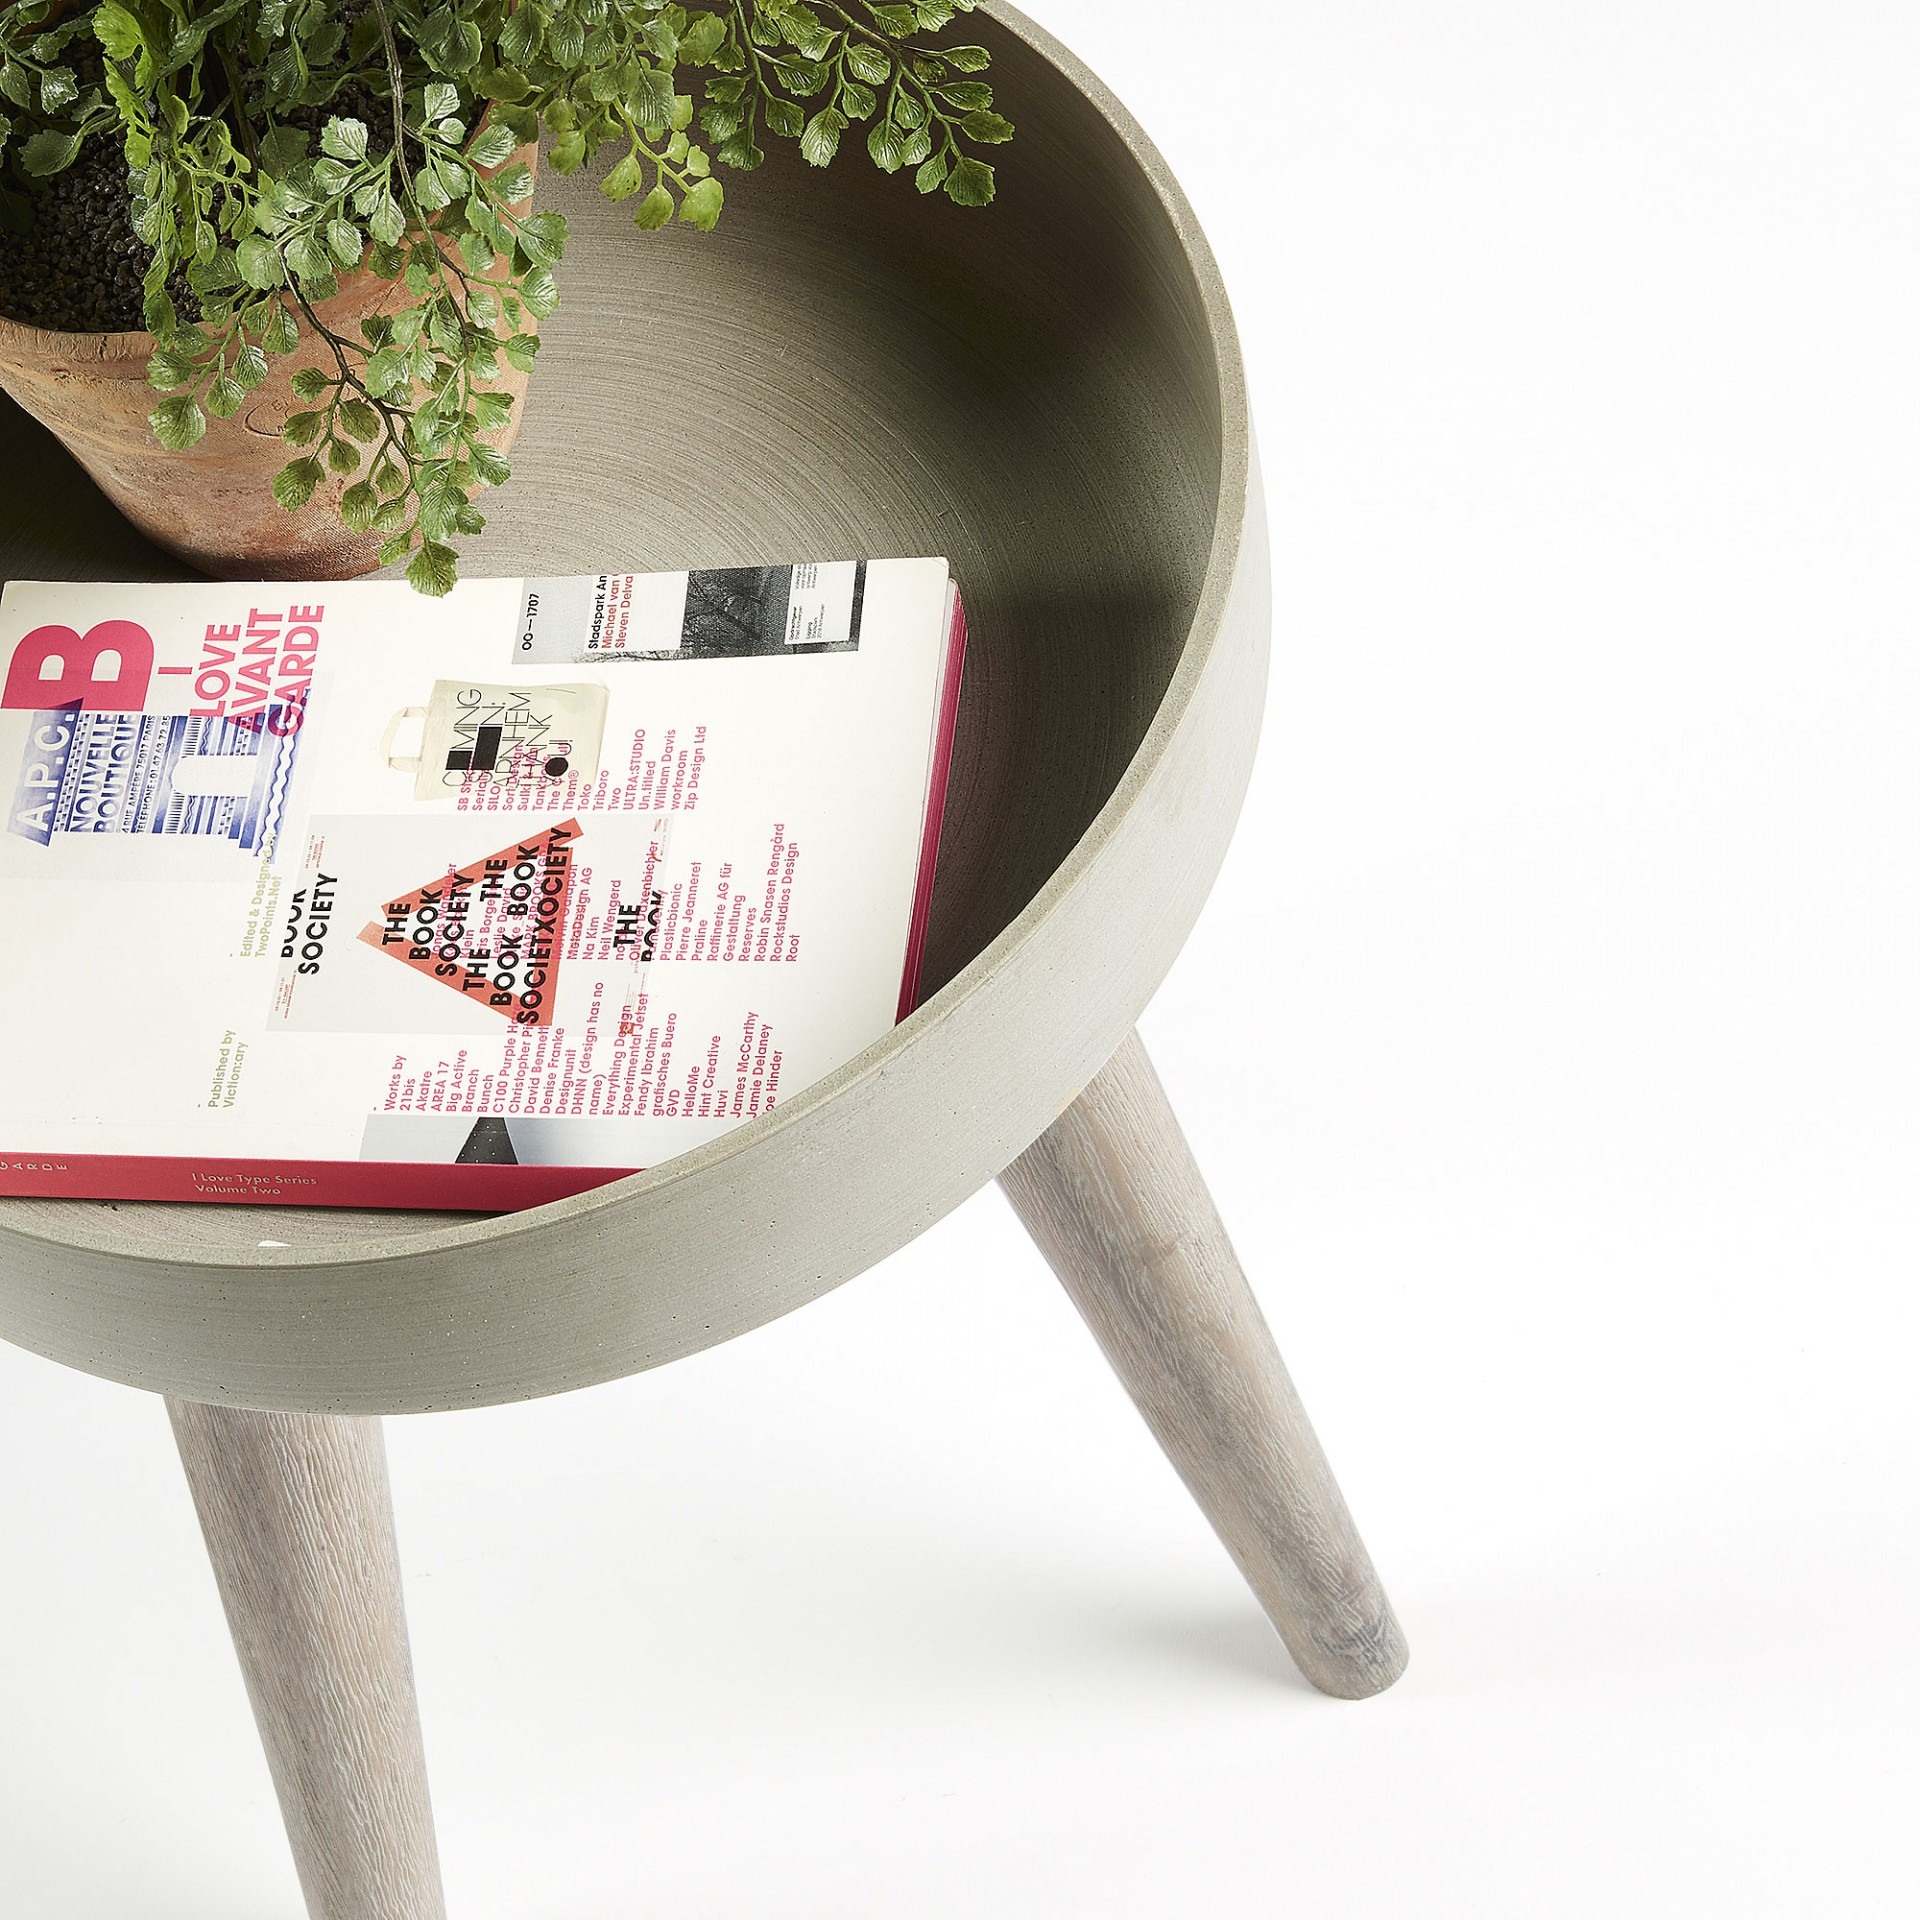 Vaso Meri, poli-cimento/madeira de acácia, bege, Ø37x52